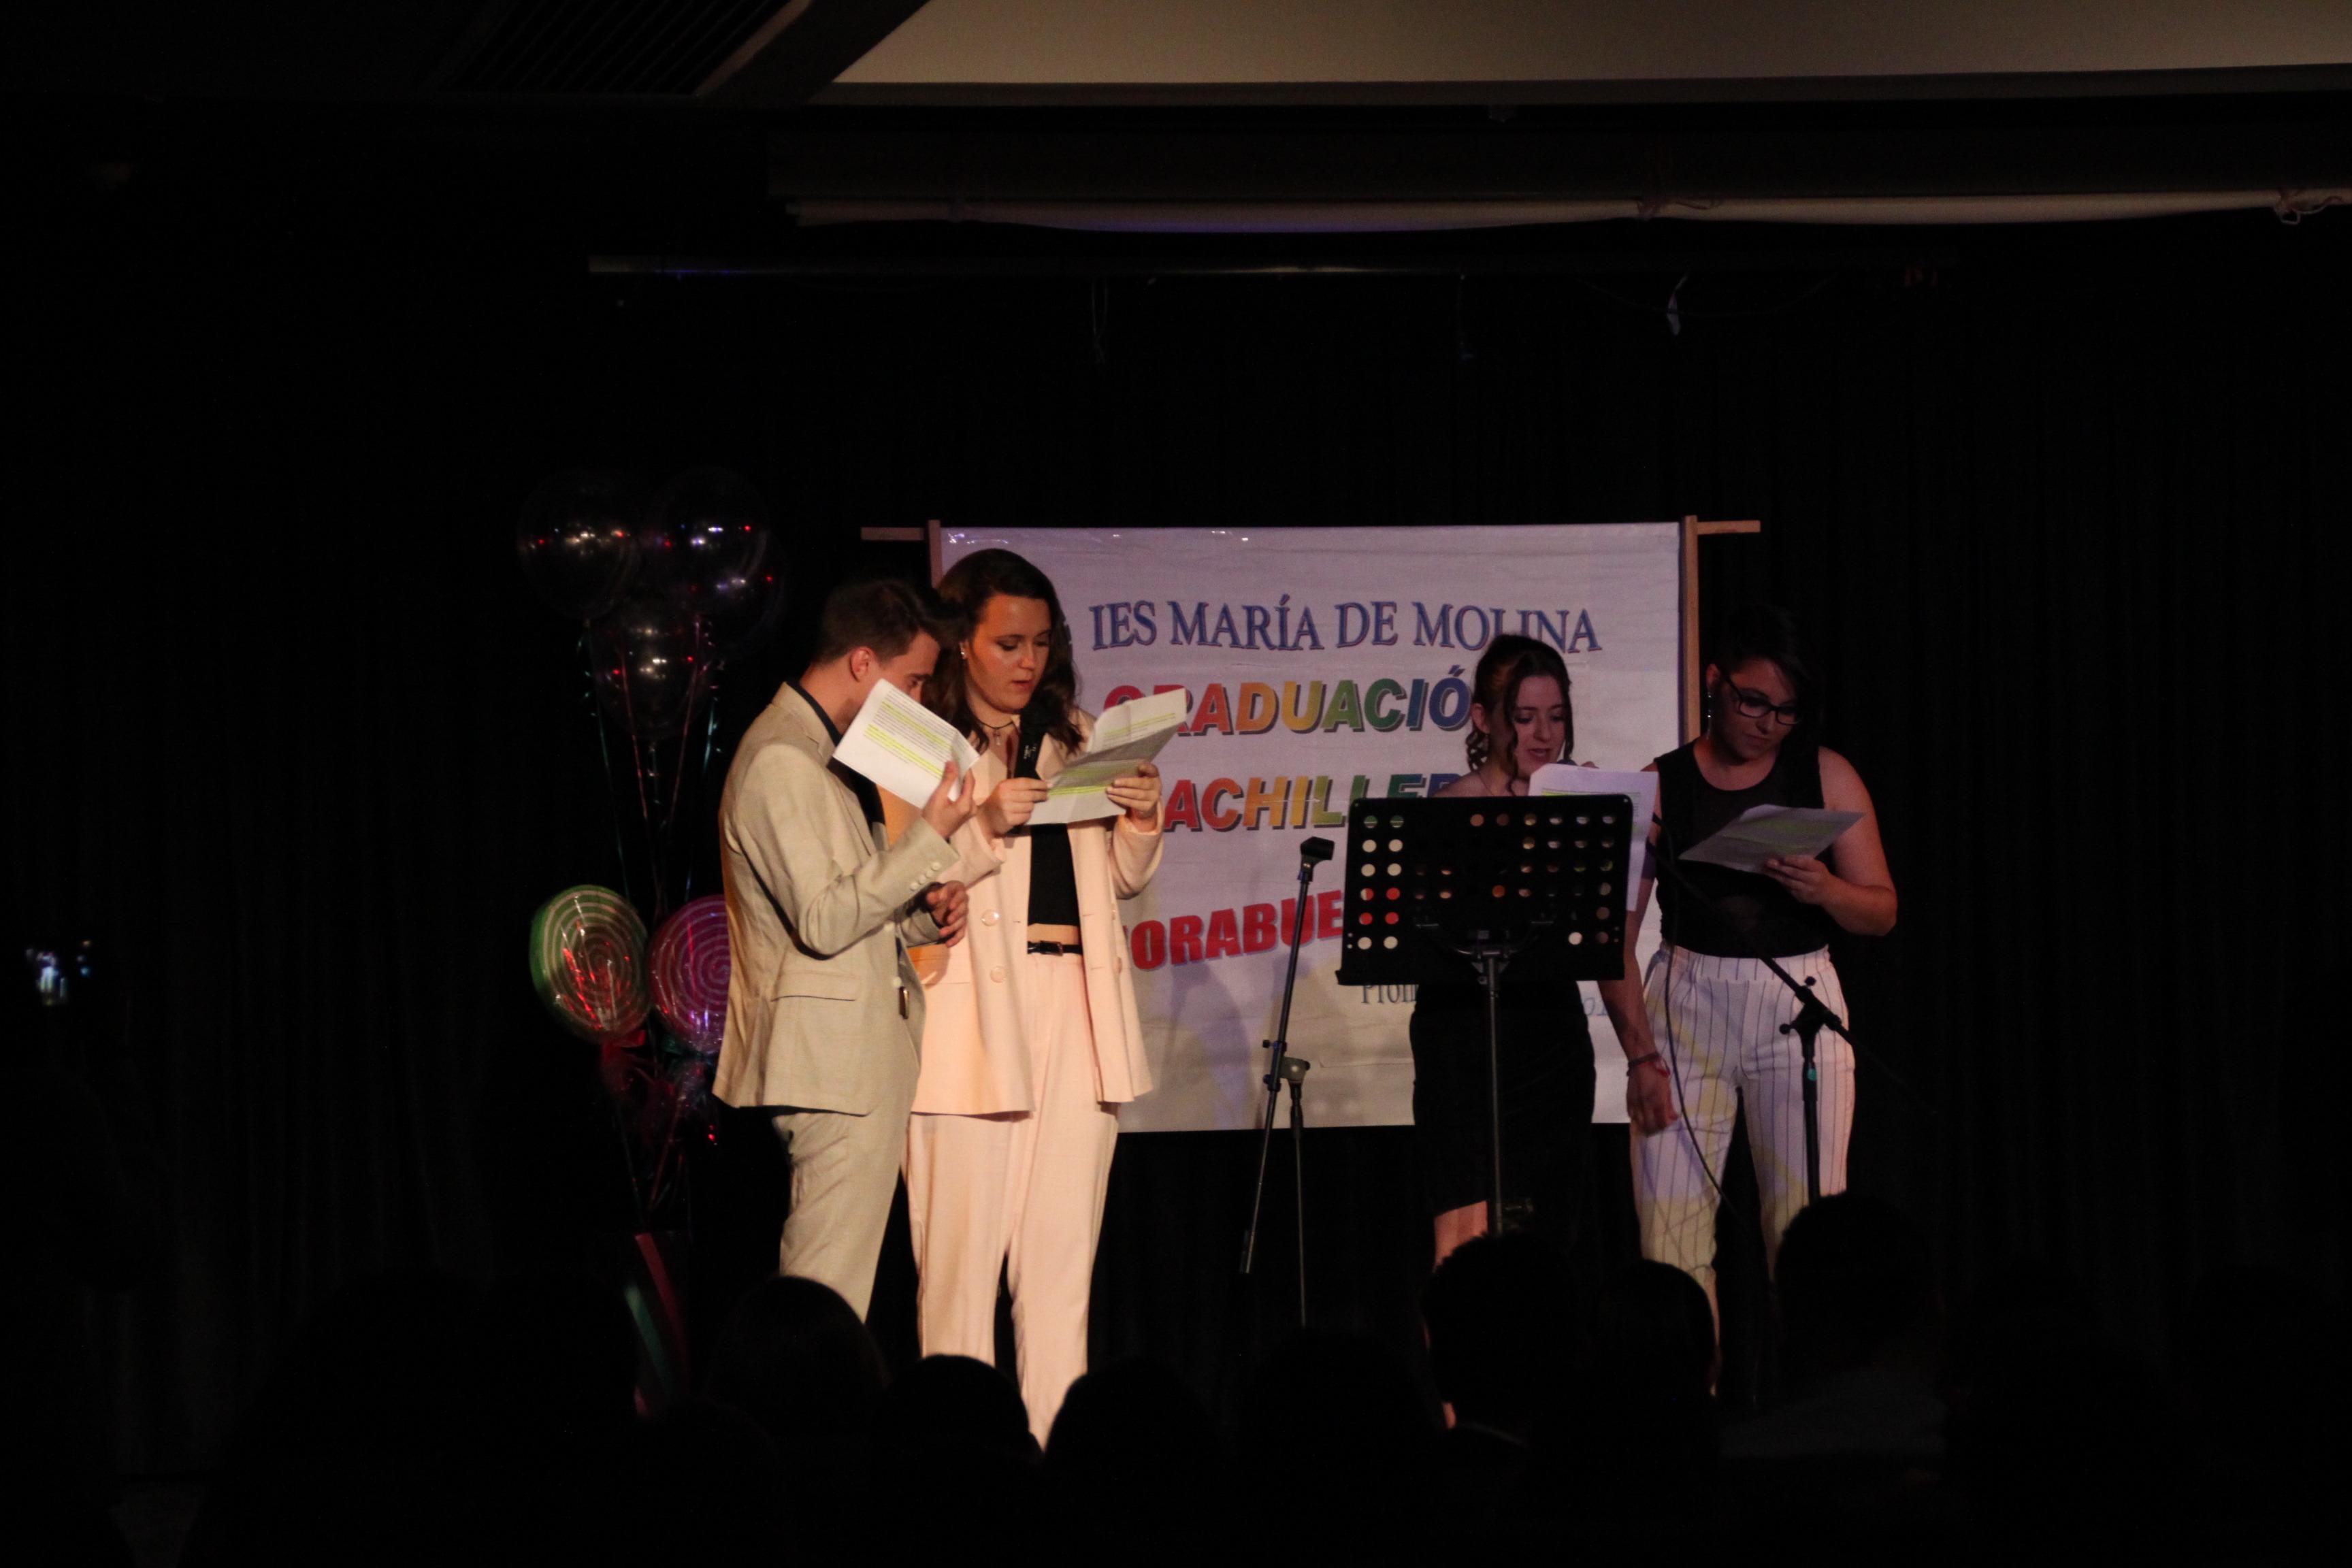 Graduación 2º bachillerato 2017-2018. IES María de Molina (Madrid) (1/2) 20